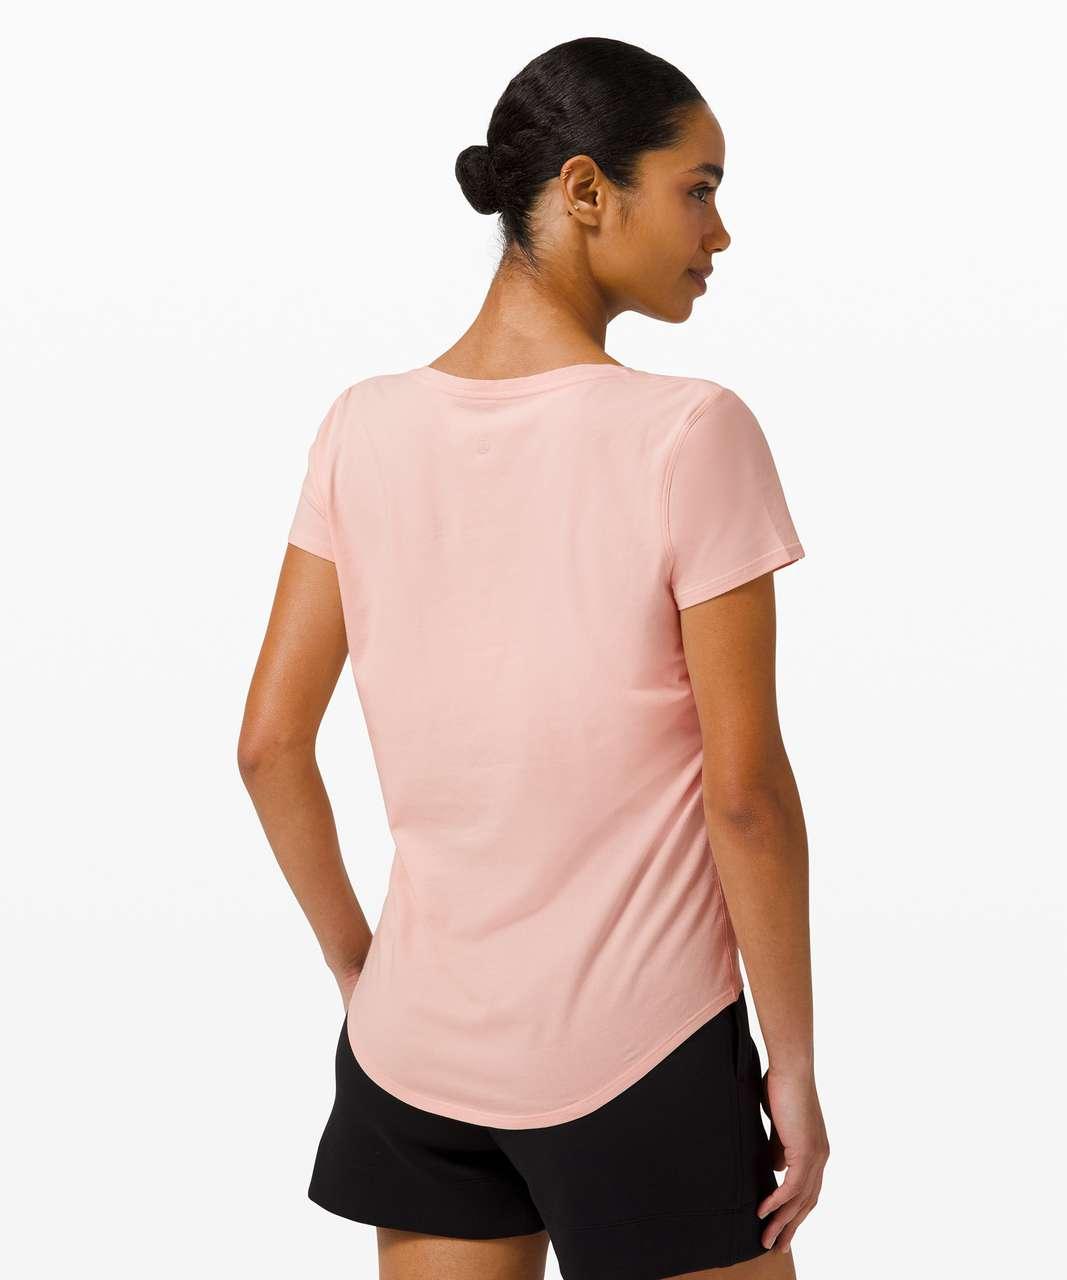 Lululemon Love Tee V - Pink Mist